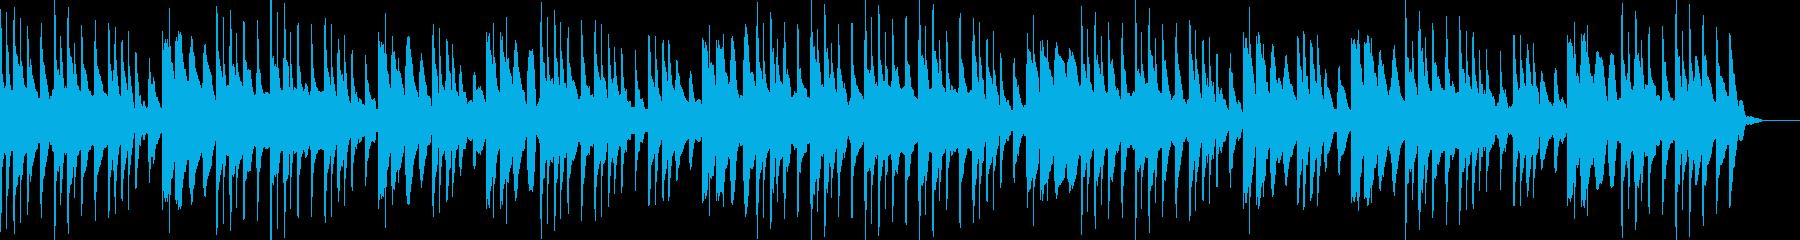 ピアノ・ハープ・癒しのマッサージの再生済みの波形